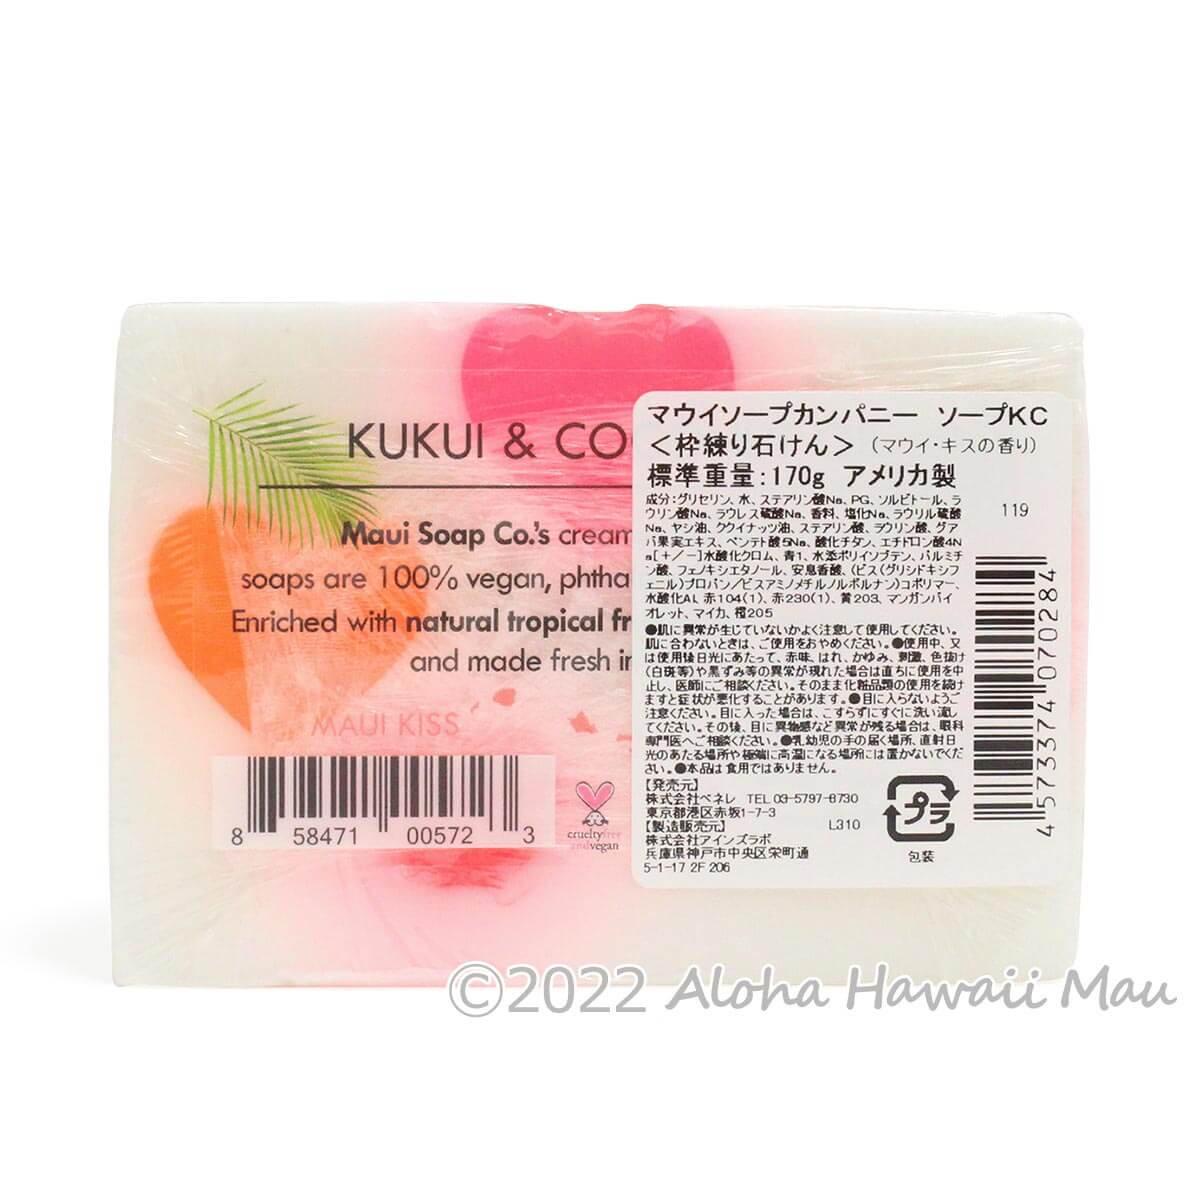 Maui Soap Company バーソープ マウイキスの香り 113g